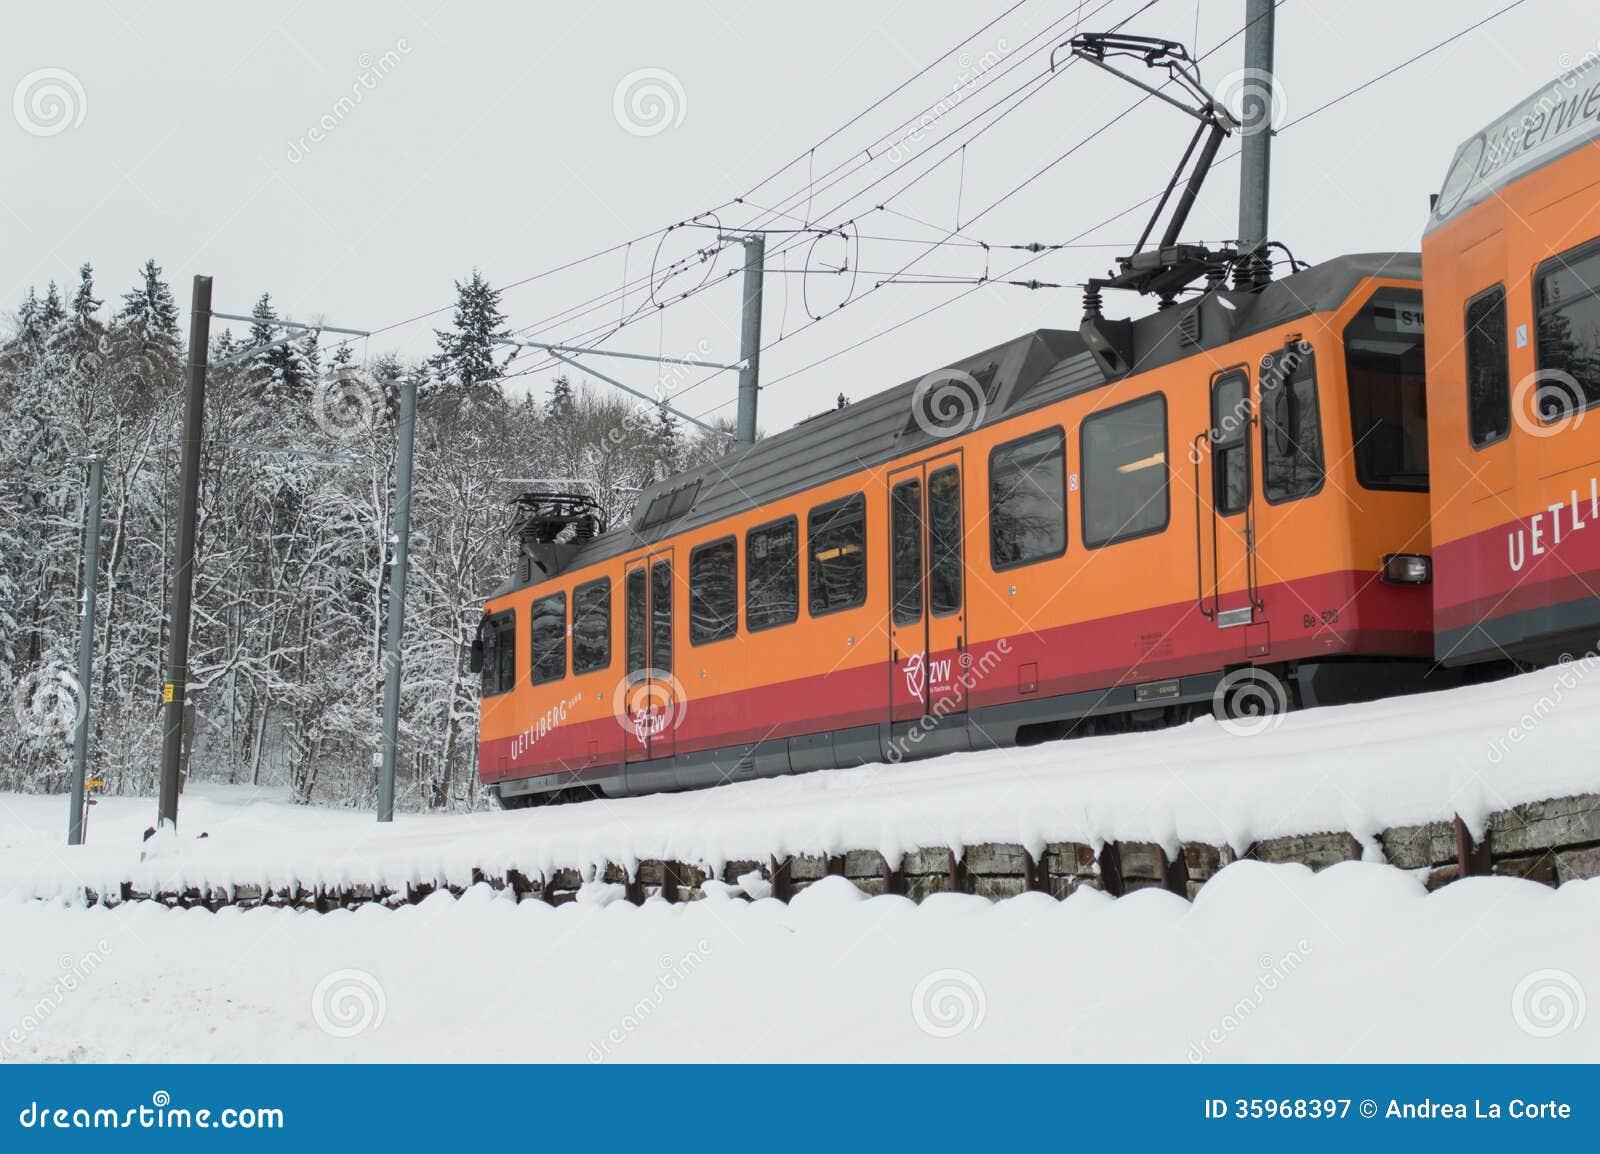 Tren de Uetliberg